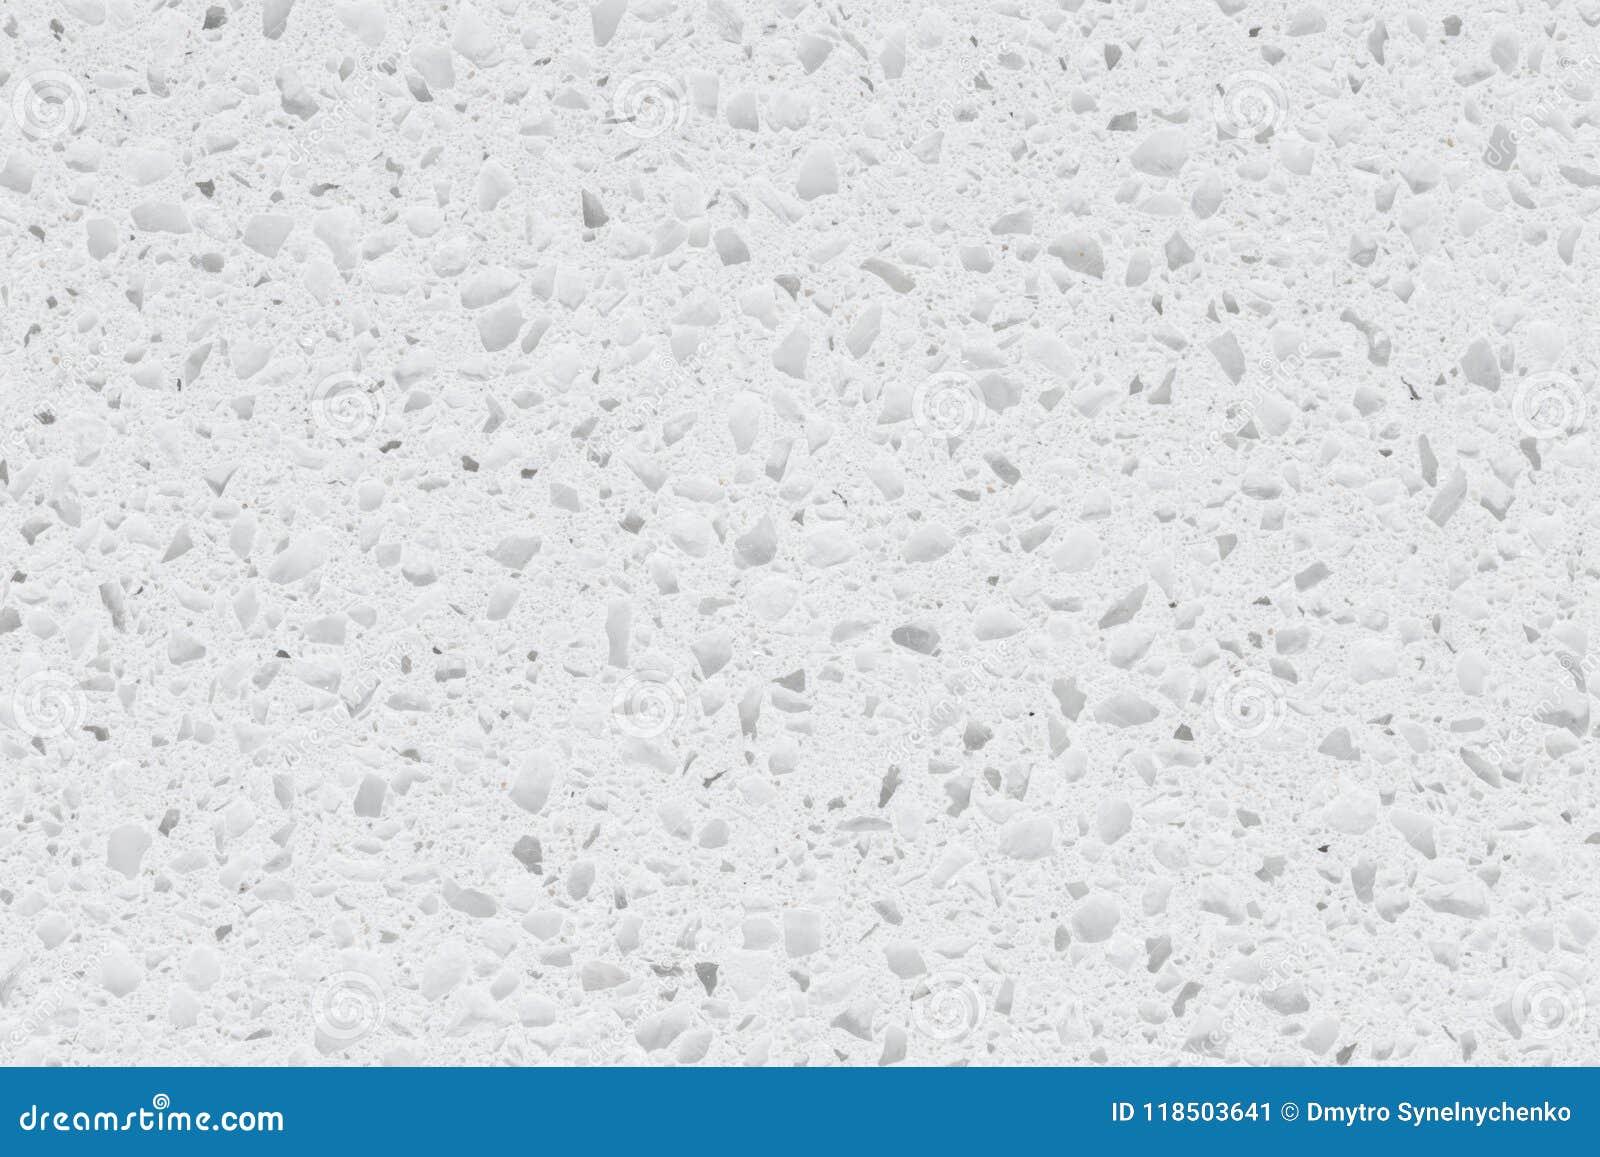 Свежий снежный камень синтетики текстуры wthite